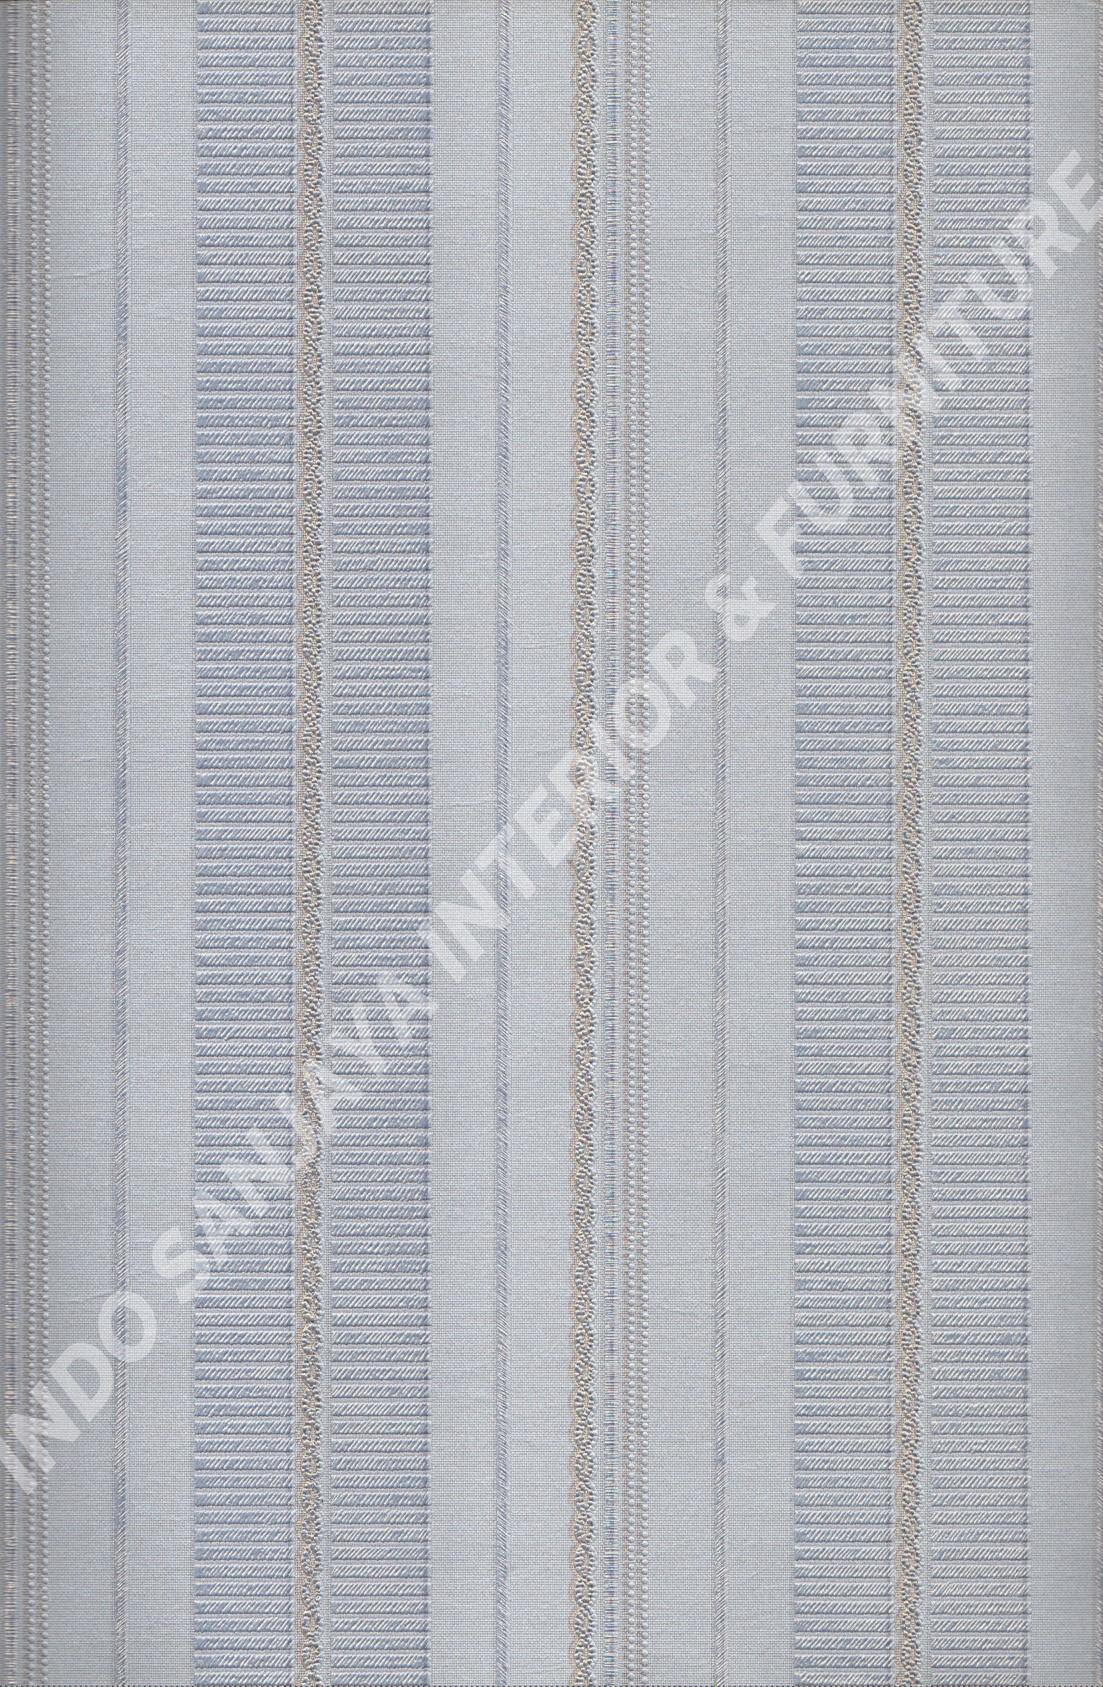 wallpaper   Wallpaper Garis 4004-3:4004-3 corak  warna